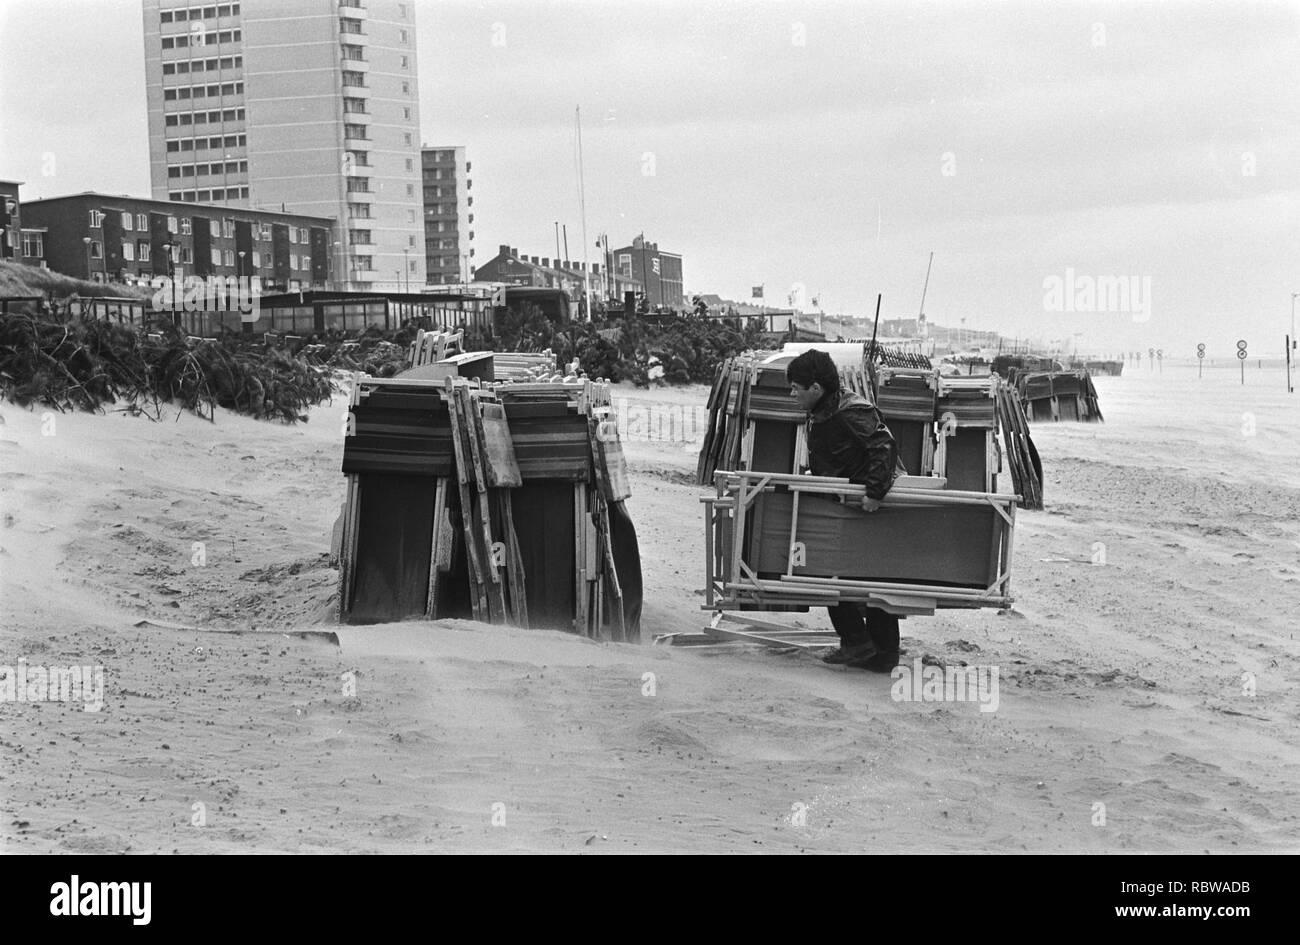 Aanhoudend slecht weer in Nederland strandstoelen worden weggehaald, 34 bord erwtensoep, Bestanddeelnr 931-5699. Stock Photo